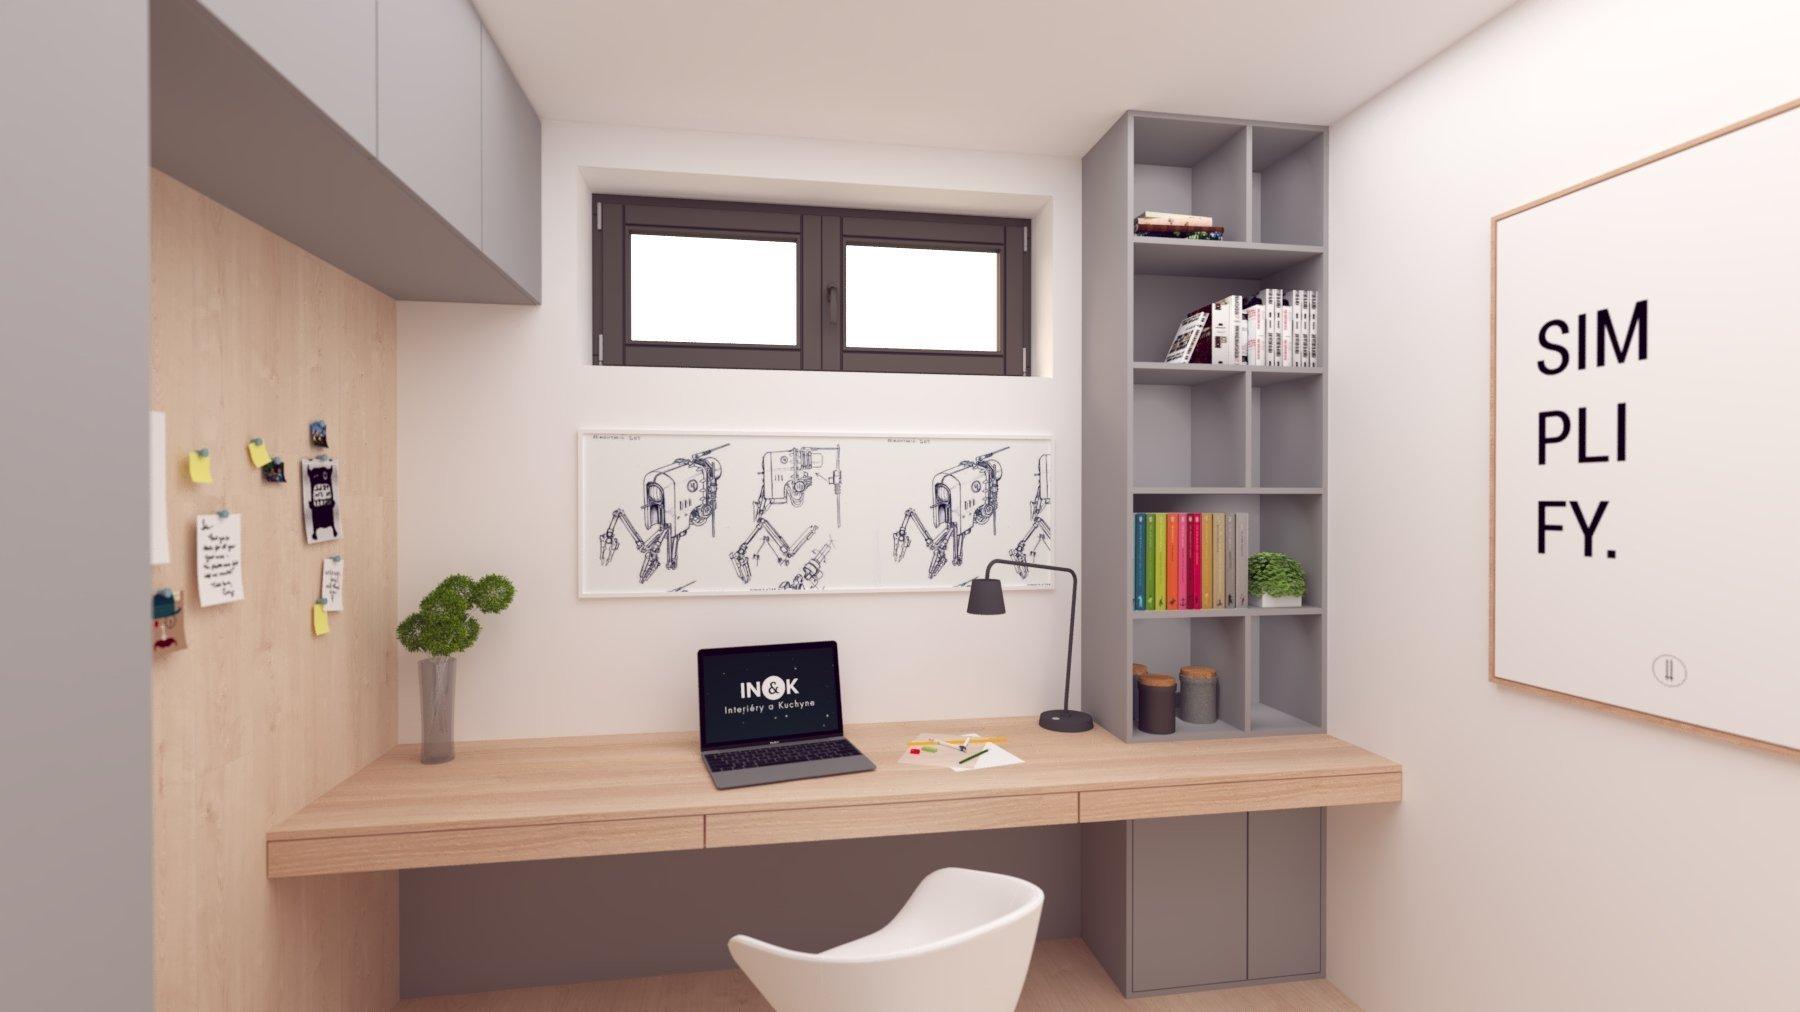 Návrh interiéru, v ktorom sme sa snažili hravým spôsobom zachytiť záujmy a potreby budúcich obyvateľov :-)